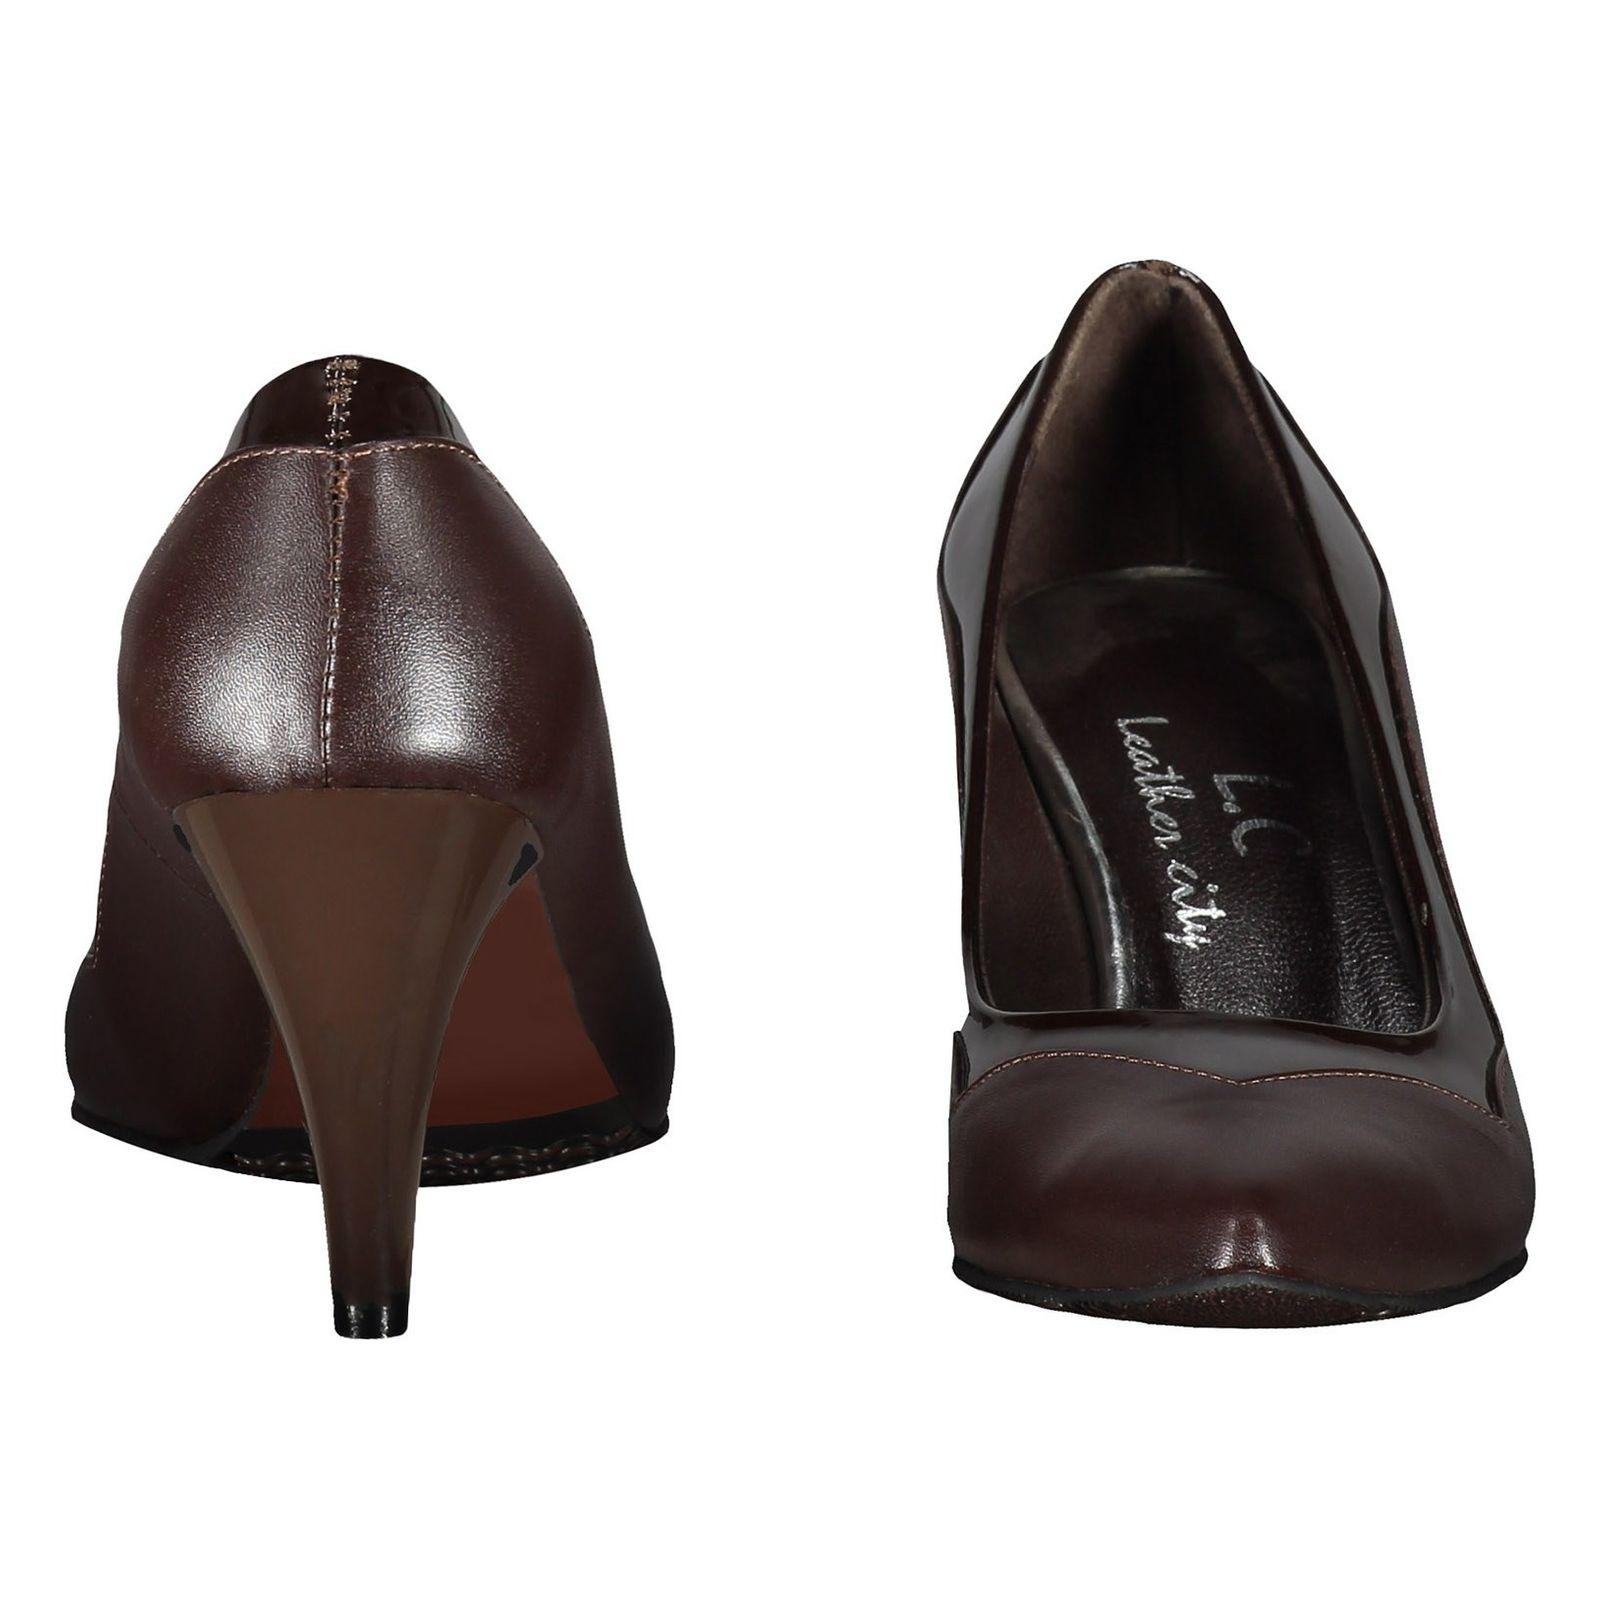 کفش پاشنه بلند چرم زنانه - شهر چرم - قهوه اي - 5